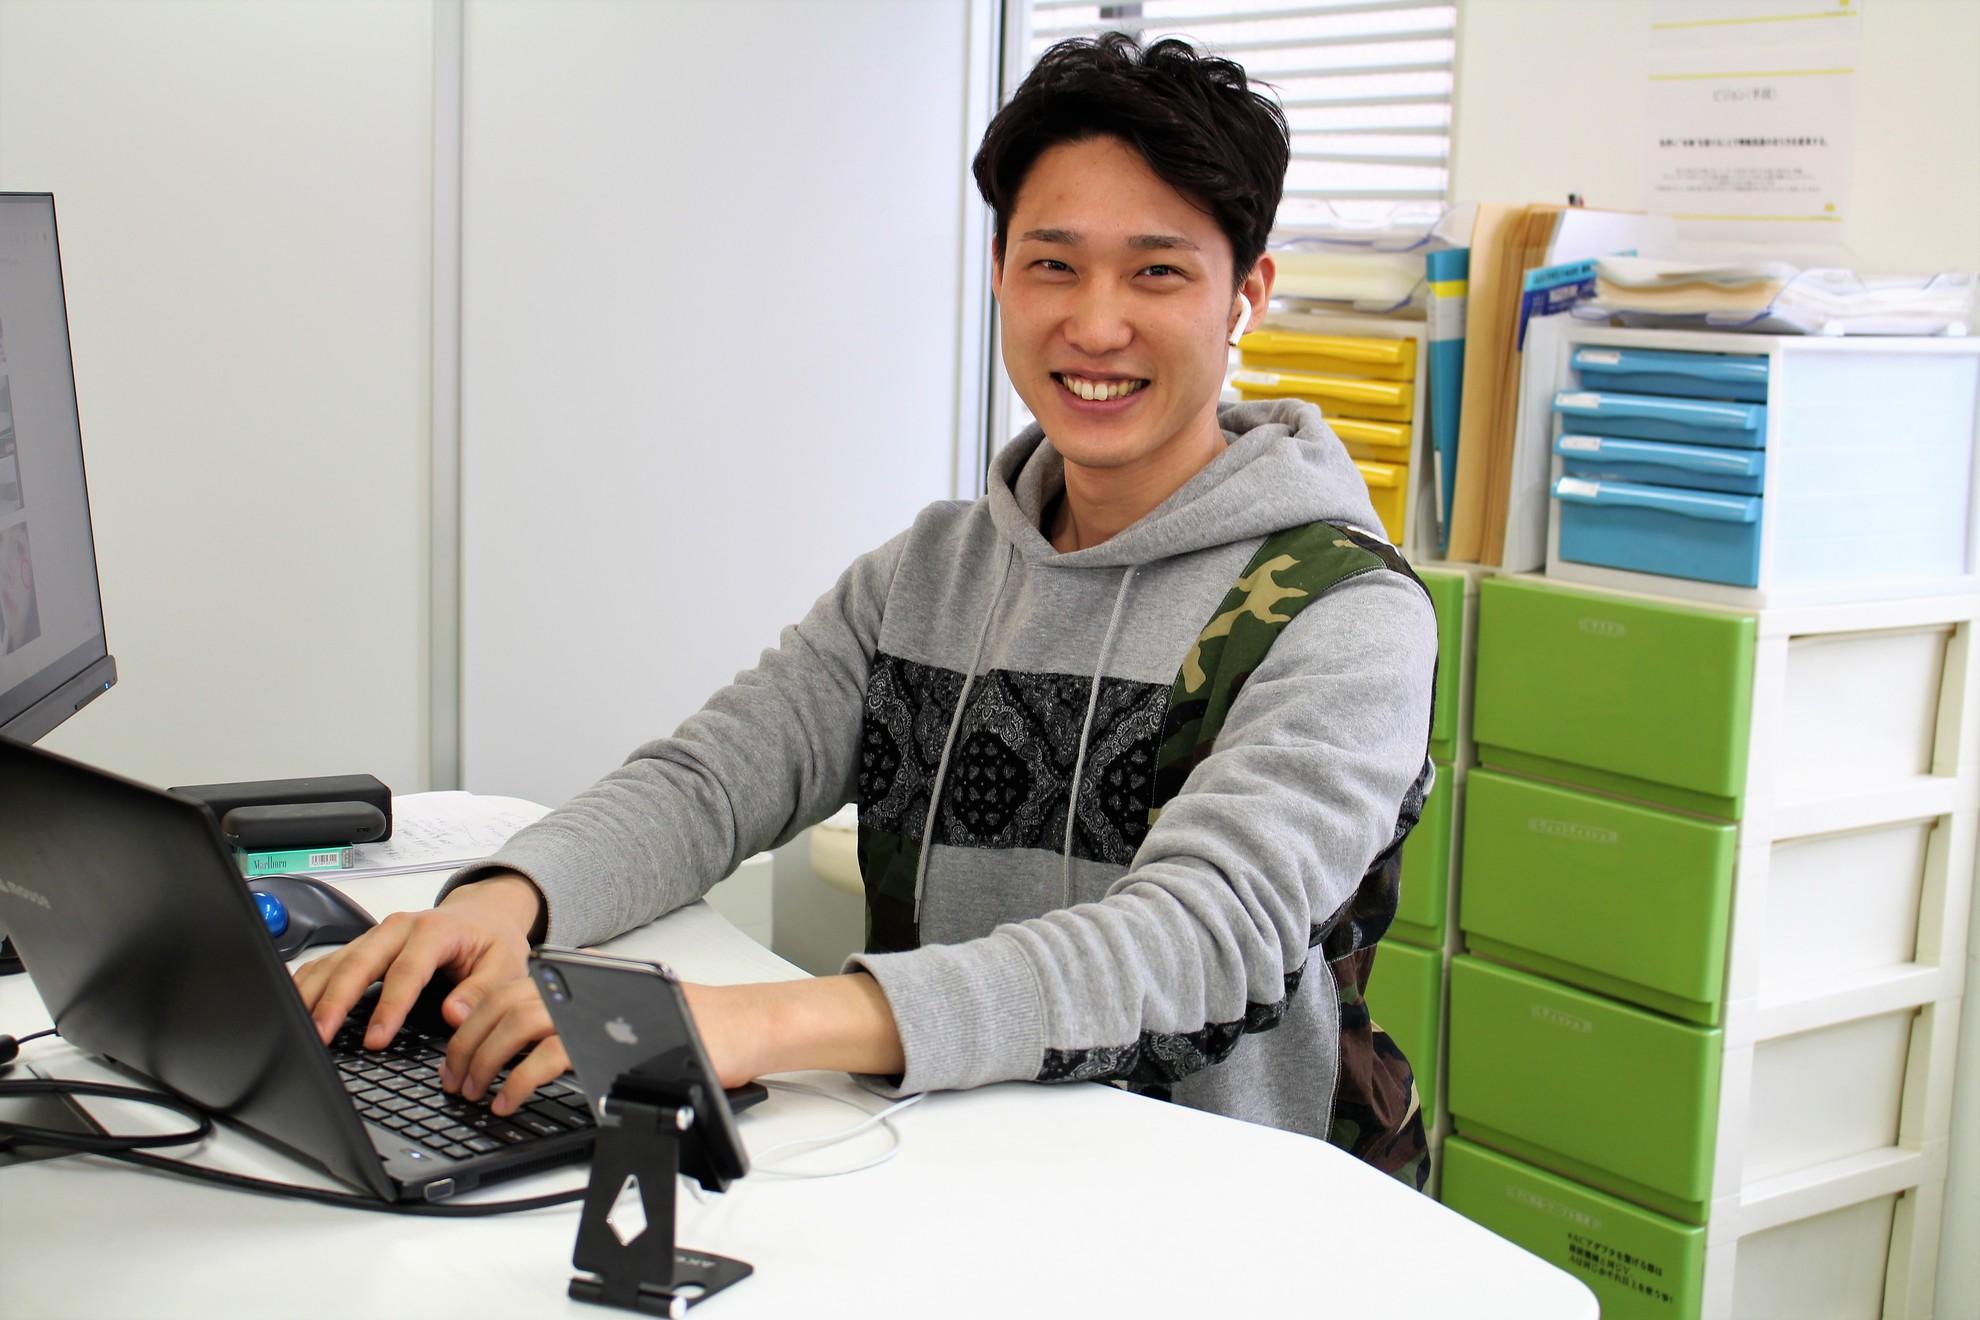 【インタビュー1】28歳/メディア制作事業部